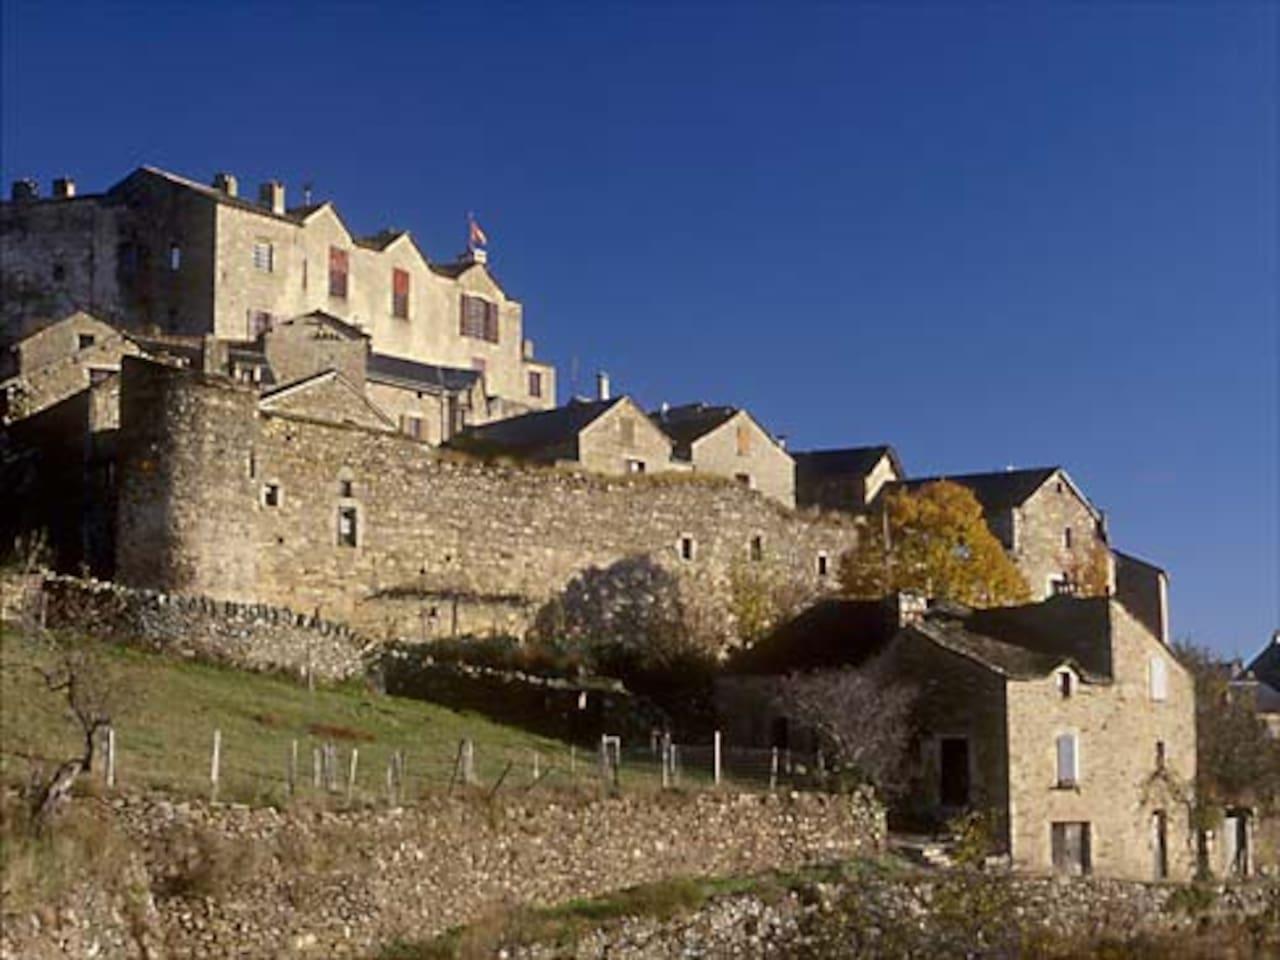 Le gîte se situe dans l'enceinte du village médiéval, à l'abri du château.